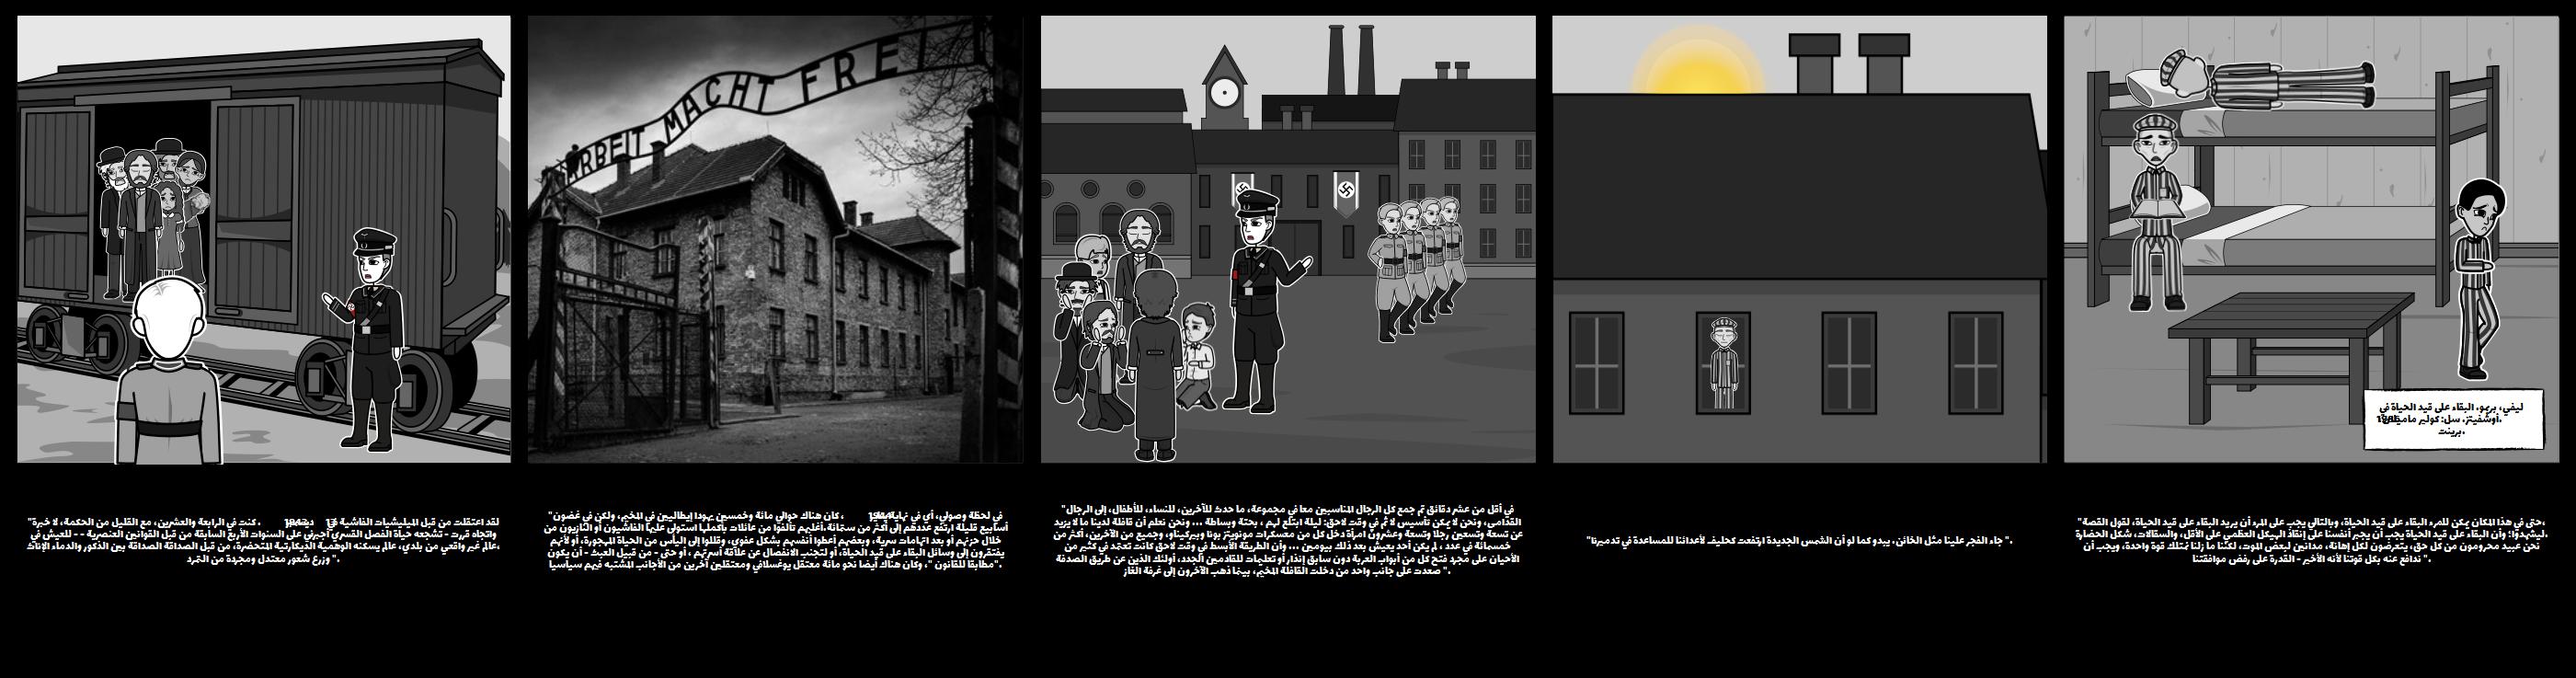 تاريخ المحرقة - ضحايا الهولوكوست: بريمو ليفي